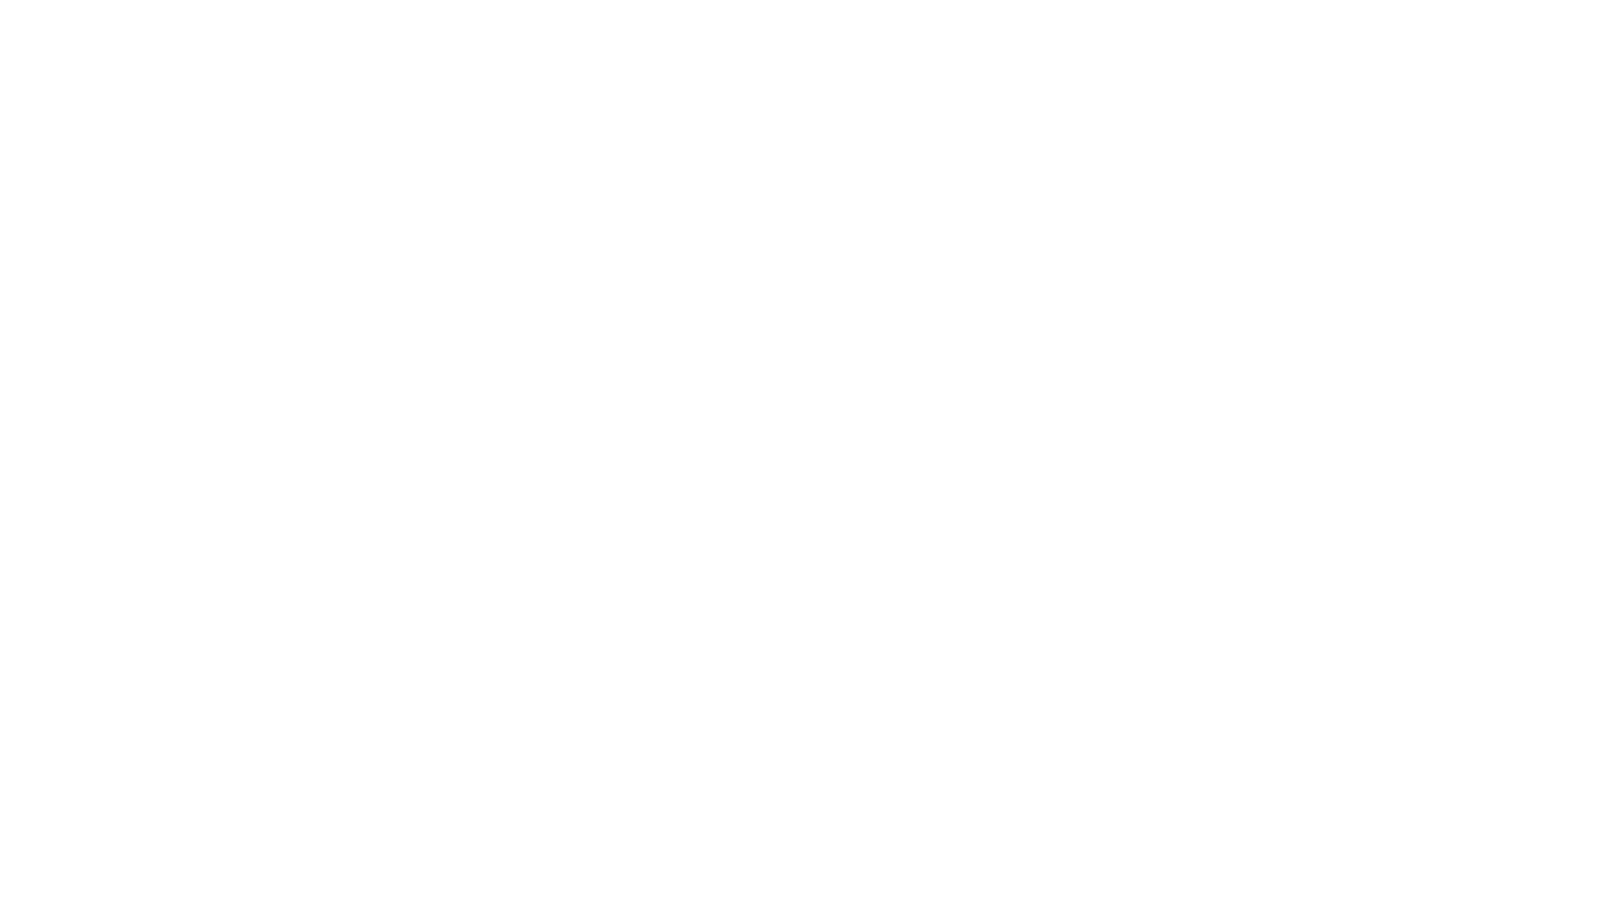 """Suscríbete y activa notificaciones 👉 https://bit.ly/37ElEBC   ¡Mis cielas! Betié ha llegado a #LGBeaTs para platicar con Pico Navarro sobre Déjate Llevar, su segundo sencillo en colaboración con @MathildeSobrino. Una canción que propone vivir una vida sin barreras ni prejuicios y simplemente """"Dejarnos Llevar"""" por el ritmo de nuestra propia canción. ¡Dale play!   Follow Escándala  Facebook: http://bit.ly/EscandalaFCBK  Twitter: http://bit.ly/EscandalaFCBK  Instagram: http://bit.ly/EscandalaIG   Follow Pico Navarro  Facebook: @PicoNavarroBeats Twitter: @PicoNavarroBeats Instagram: @PicoNavarroBeats  Follow Betié    Twitter: @boybetie Instagram: @boybetie"""